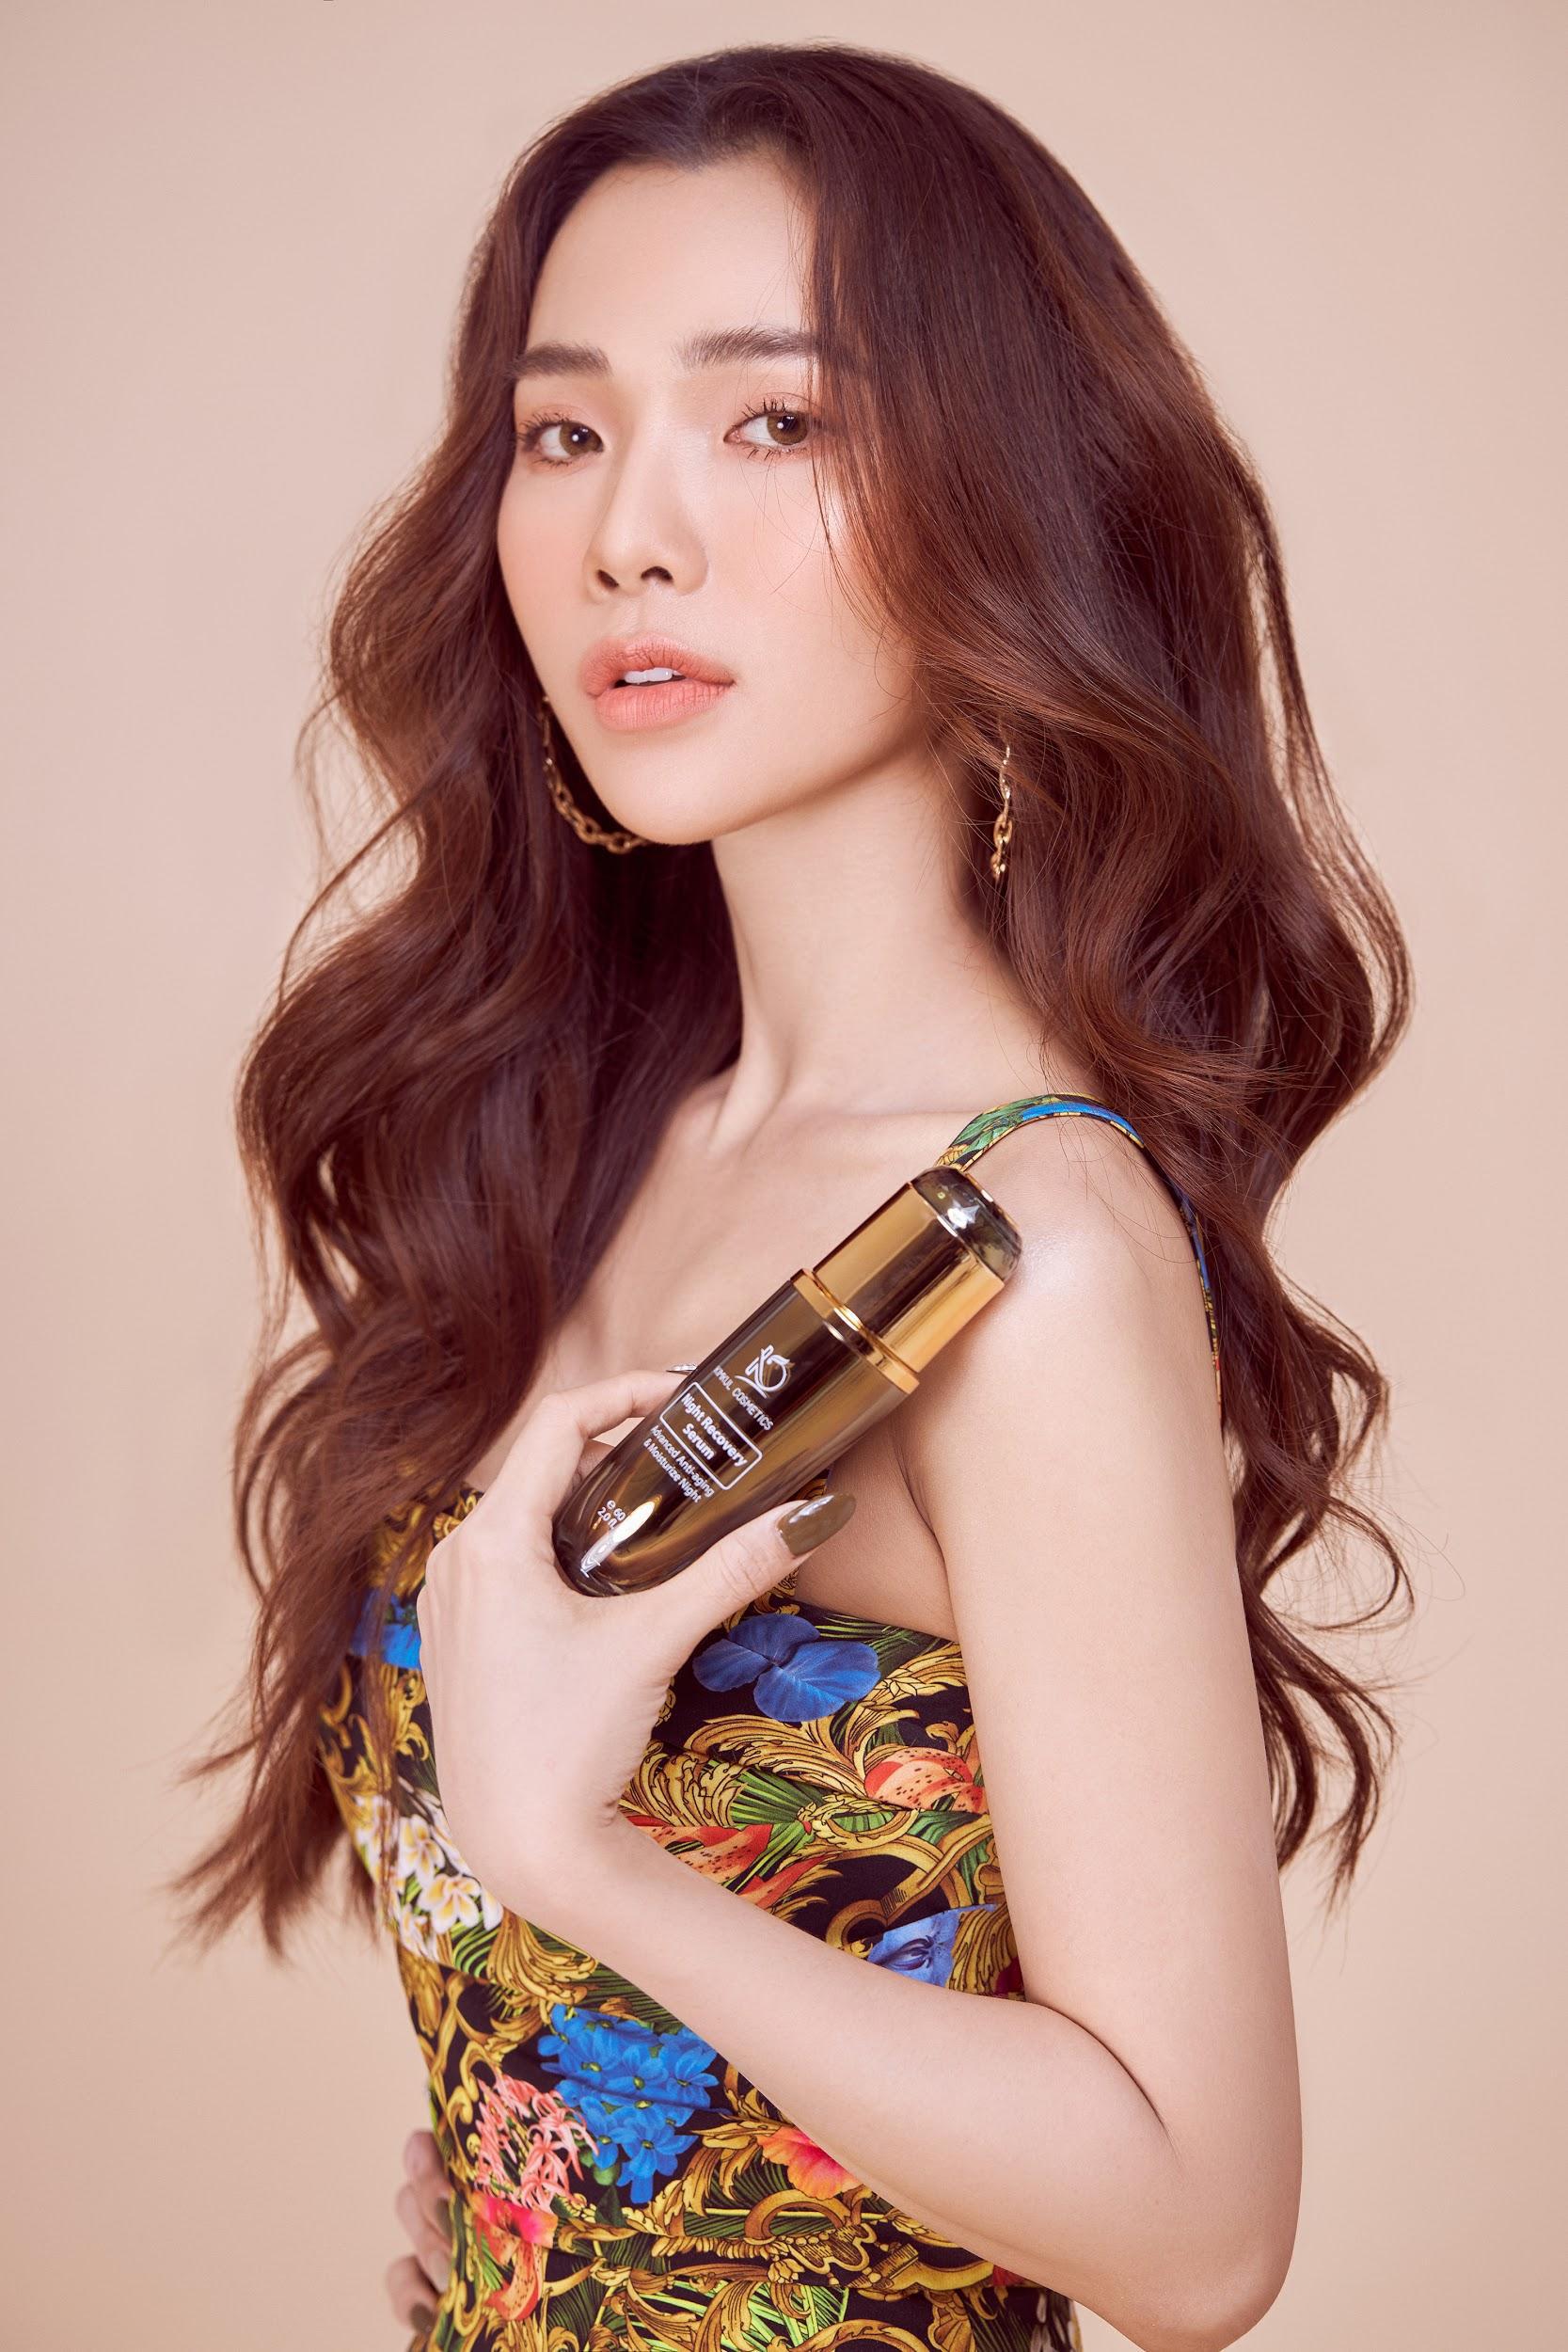 Siêu mẫu Kim Cương và hành trình 10 năm ấp ủ thương hiệu mỹ phẩm cao cấp thuần Việt - Ảnh 2.